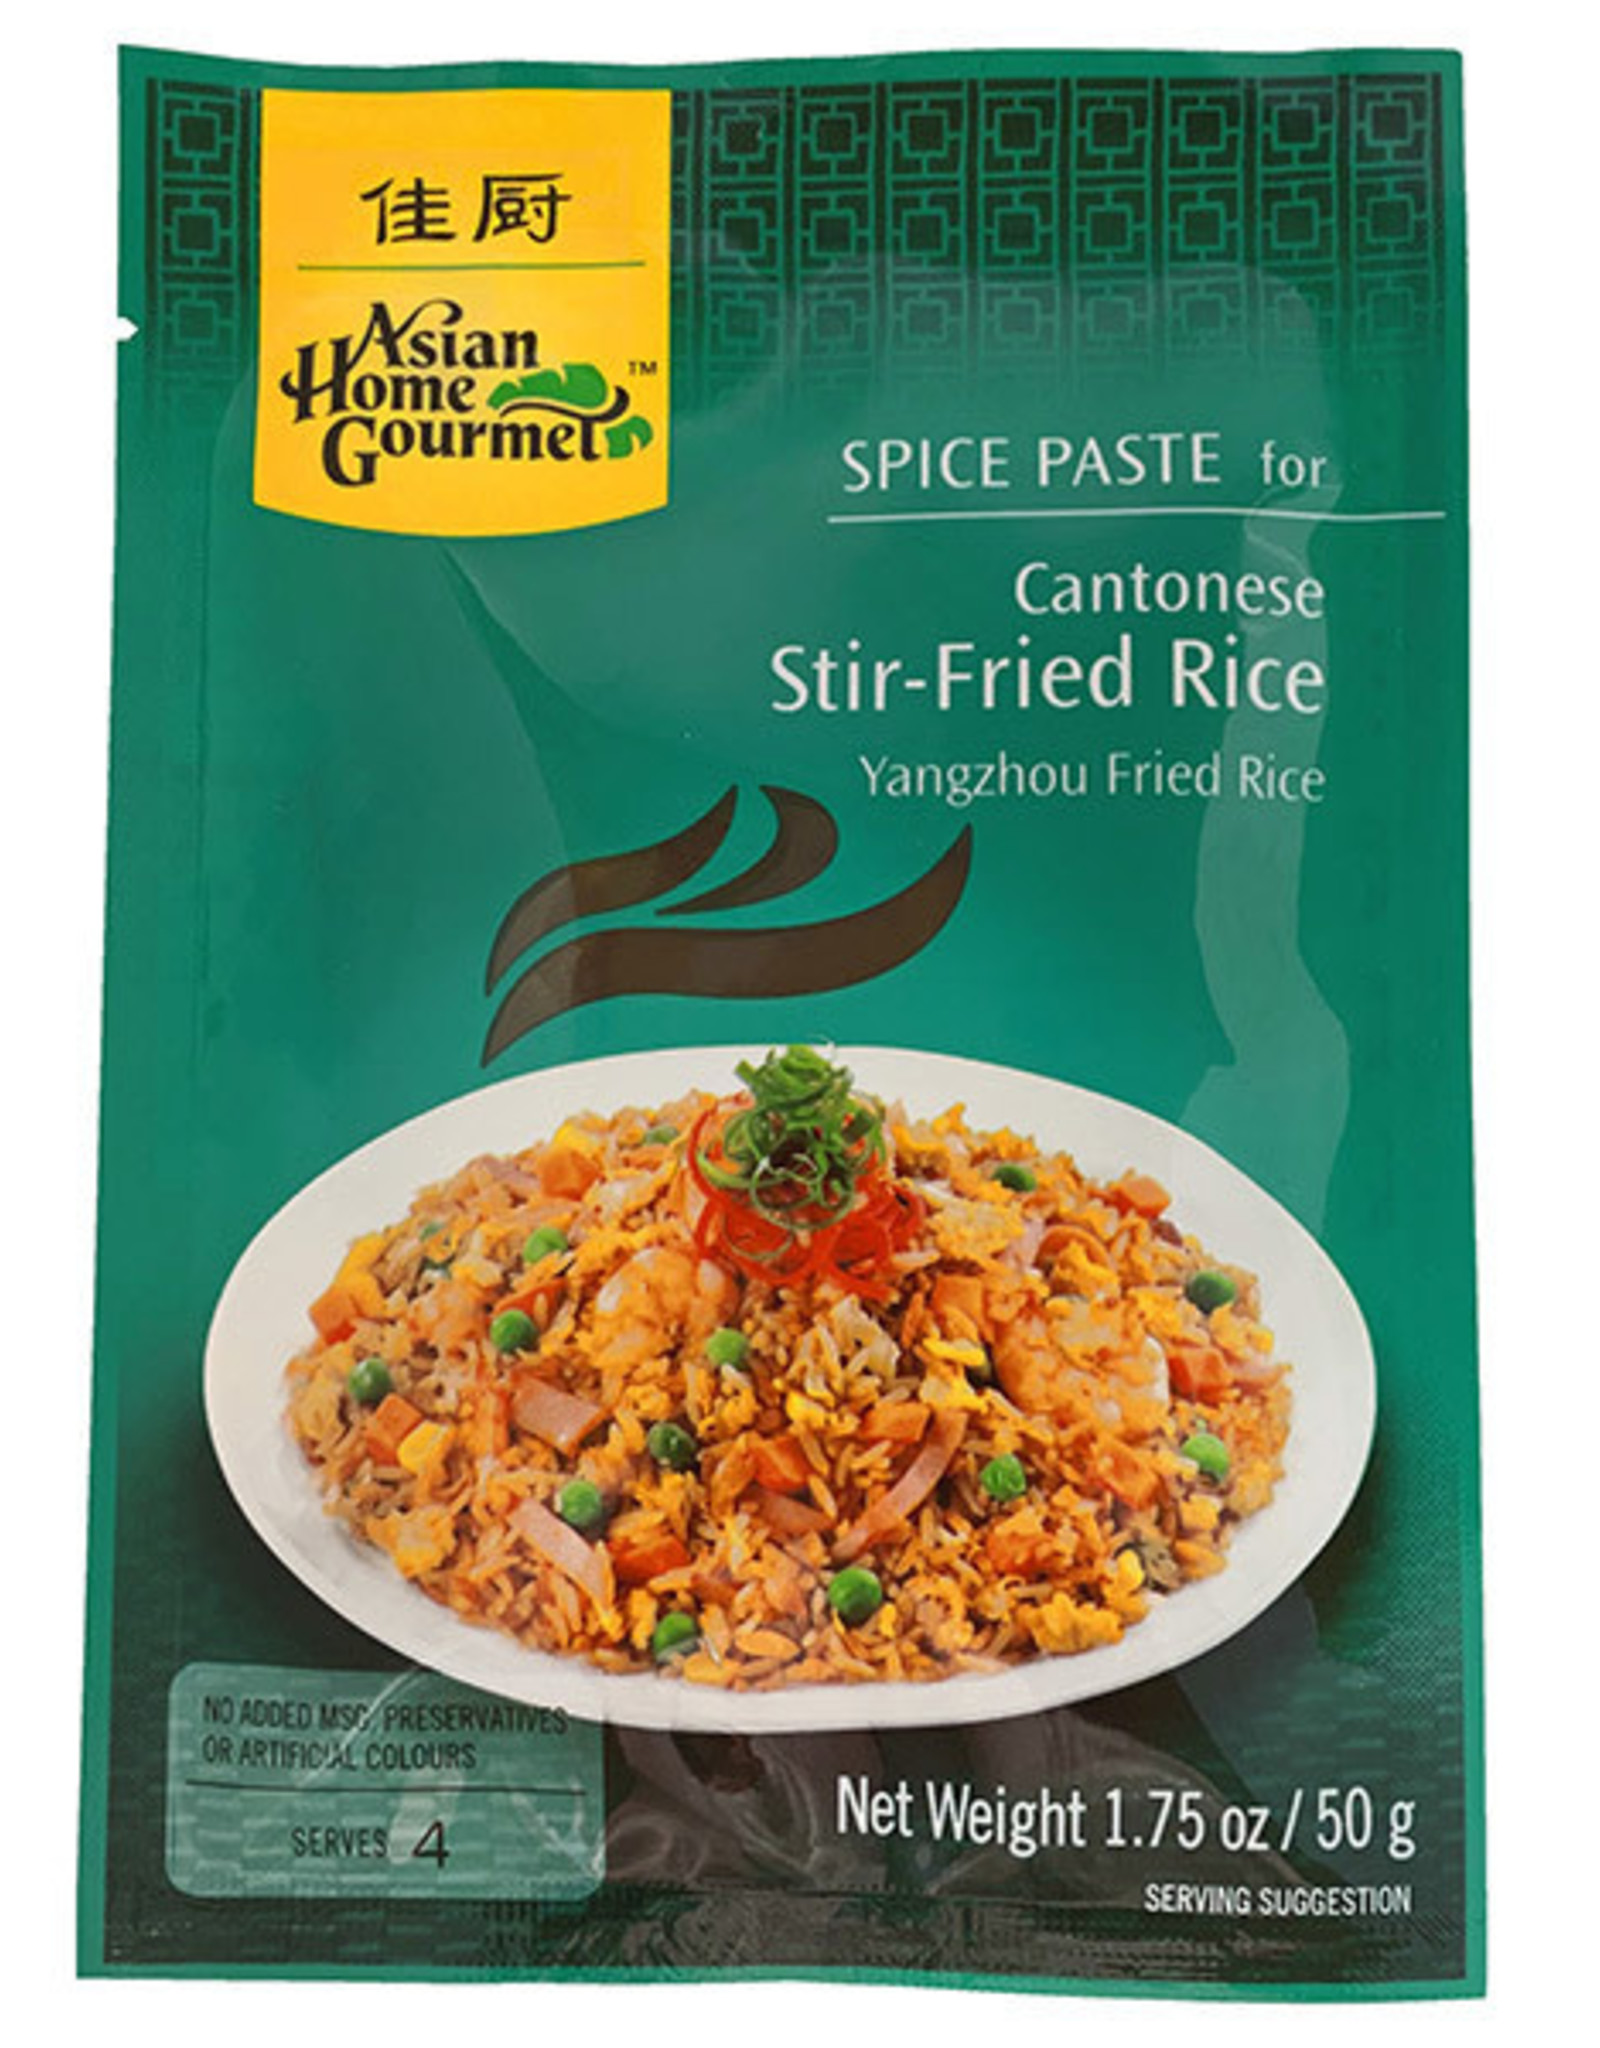 AHG Spice paste Cantonese rice AHG 50g